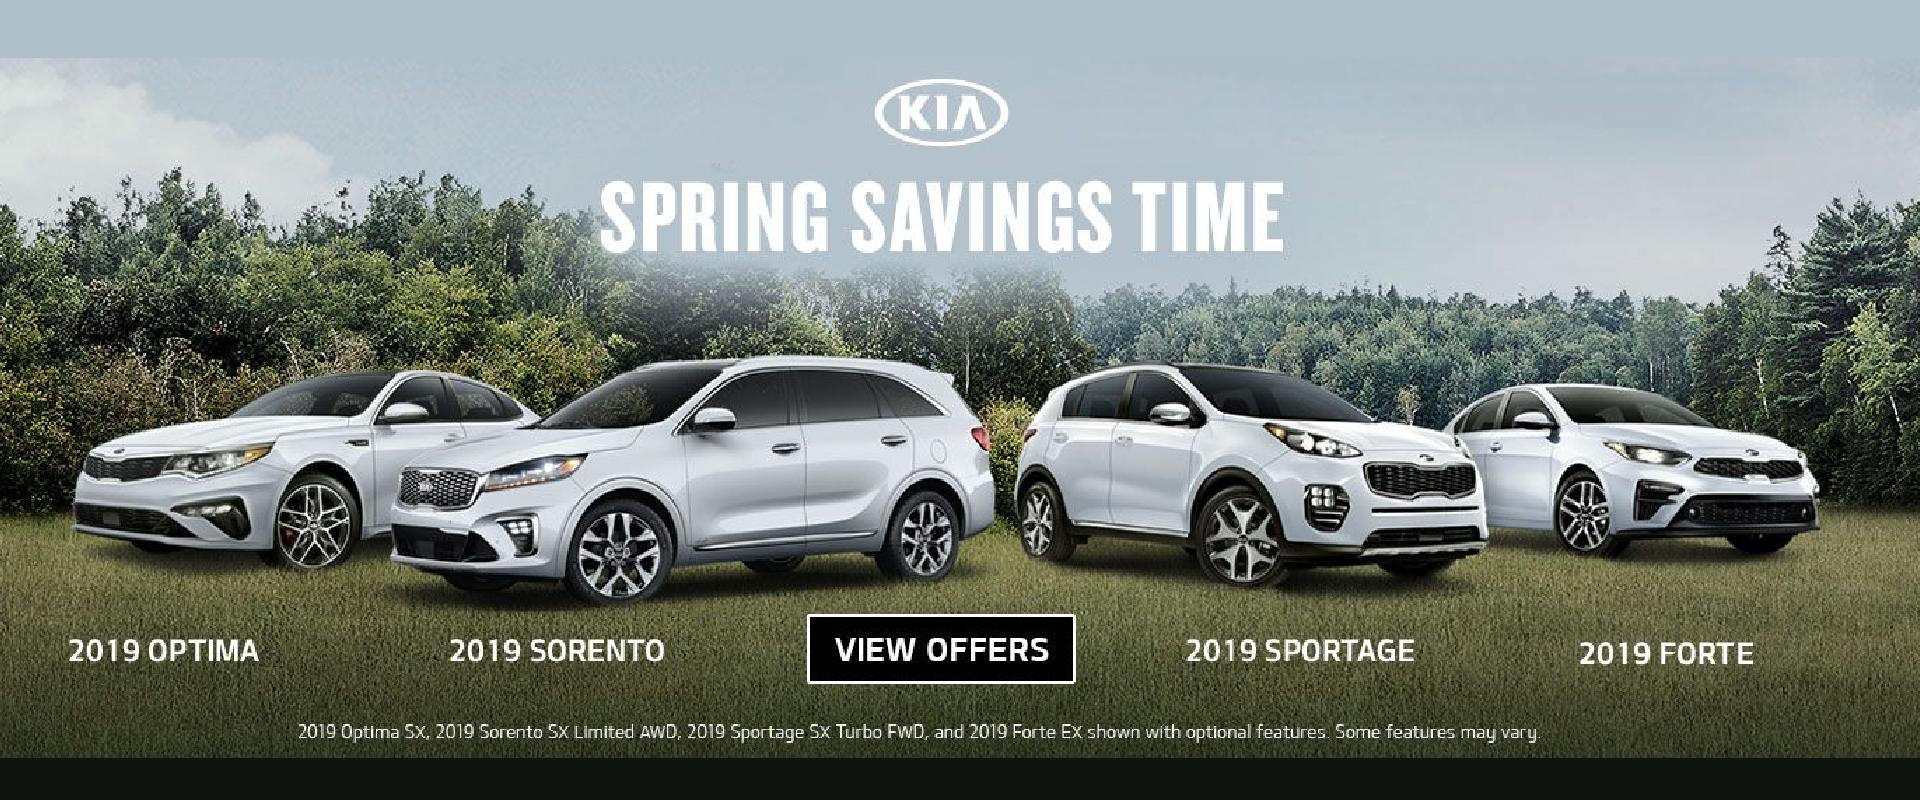 Spring Savings Time